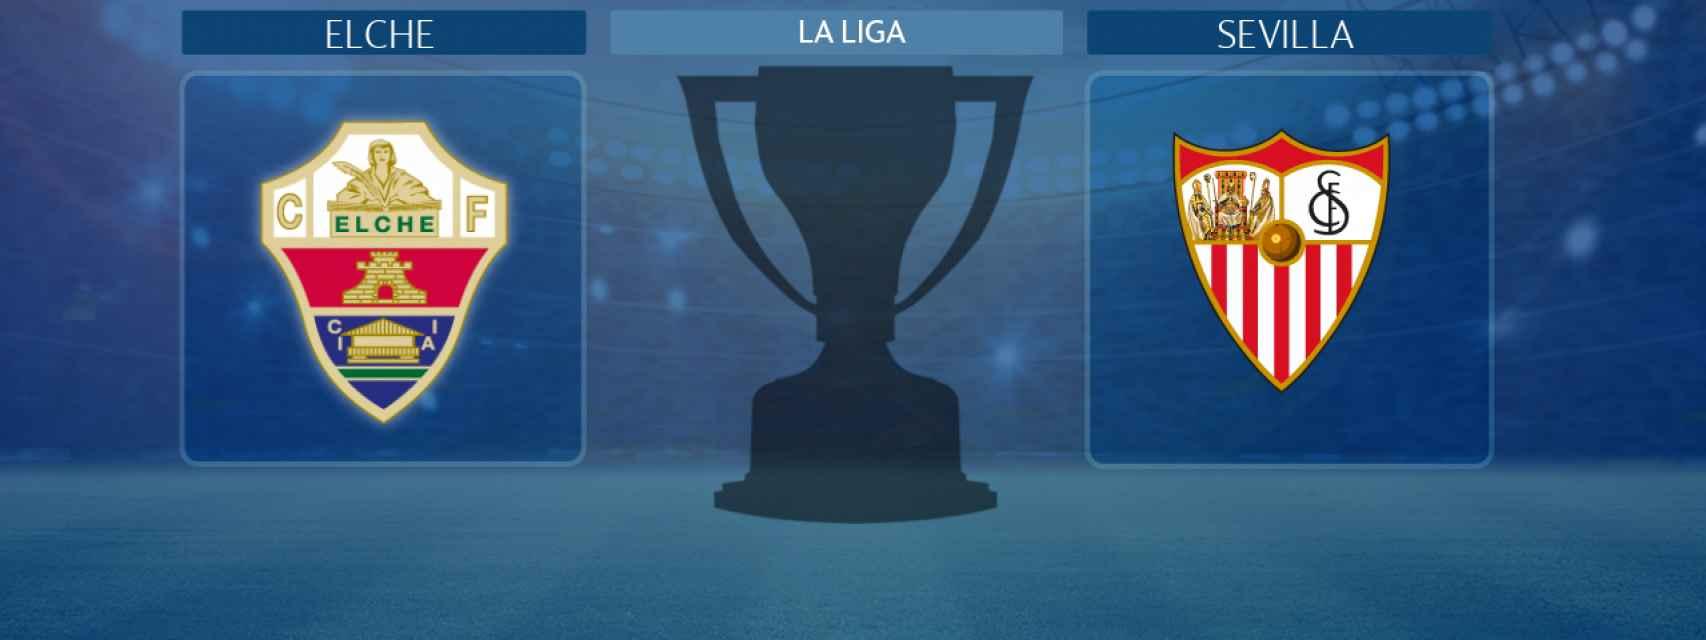 Elche - Sevilla, partido de La Liga